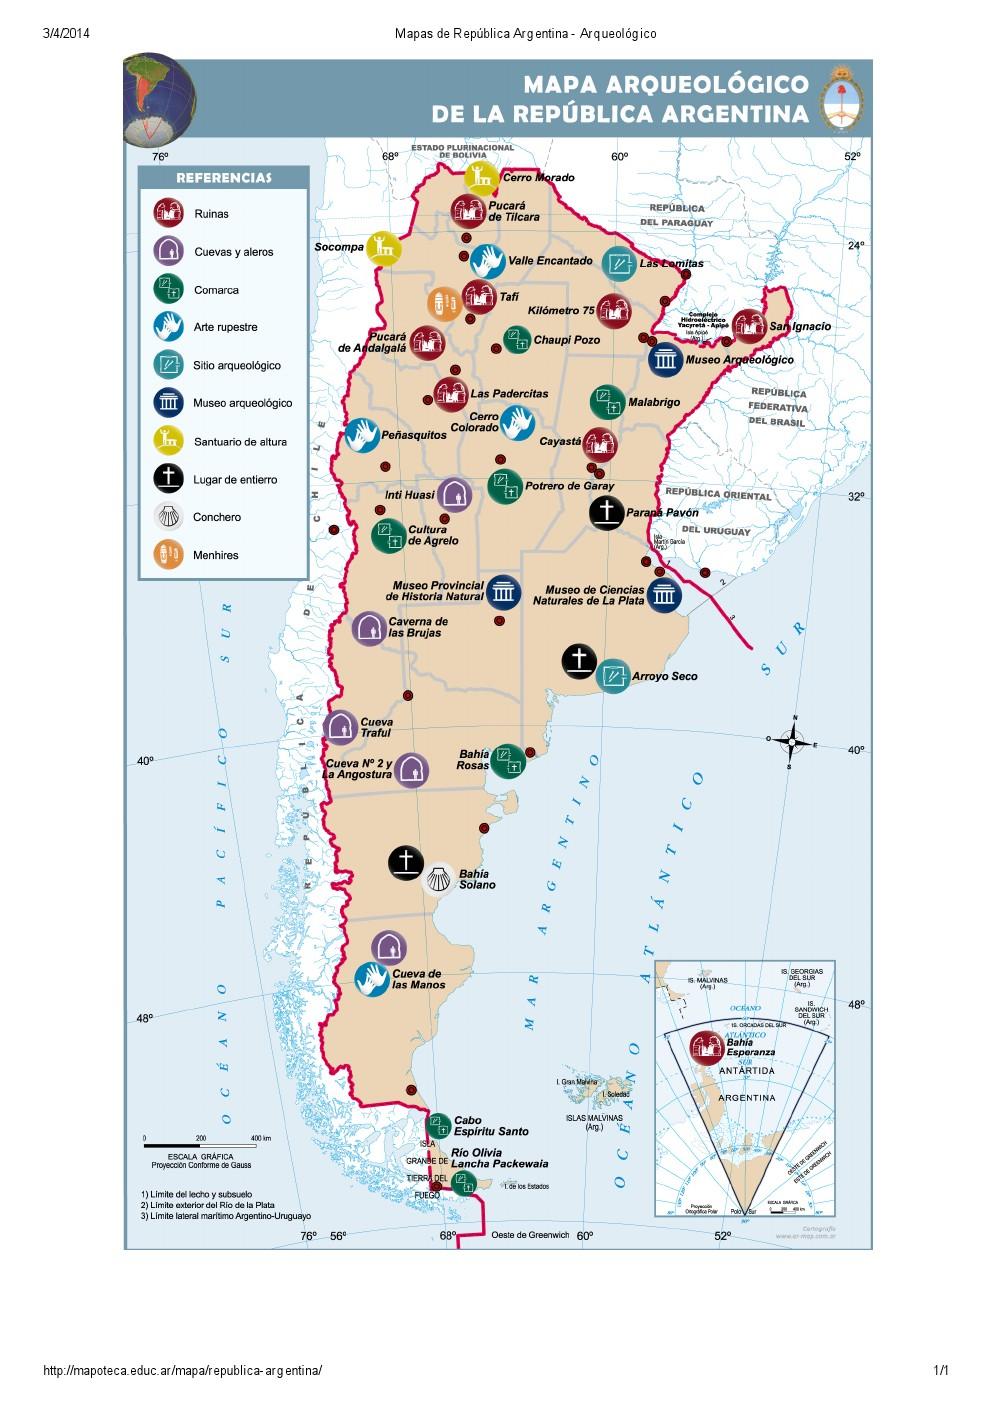 Mapa arqueológico de Argentina. Mapoteca de Educ.ar